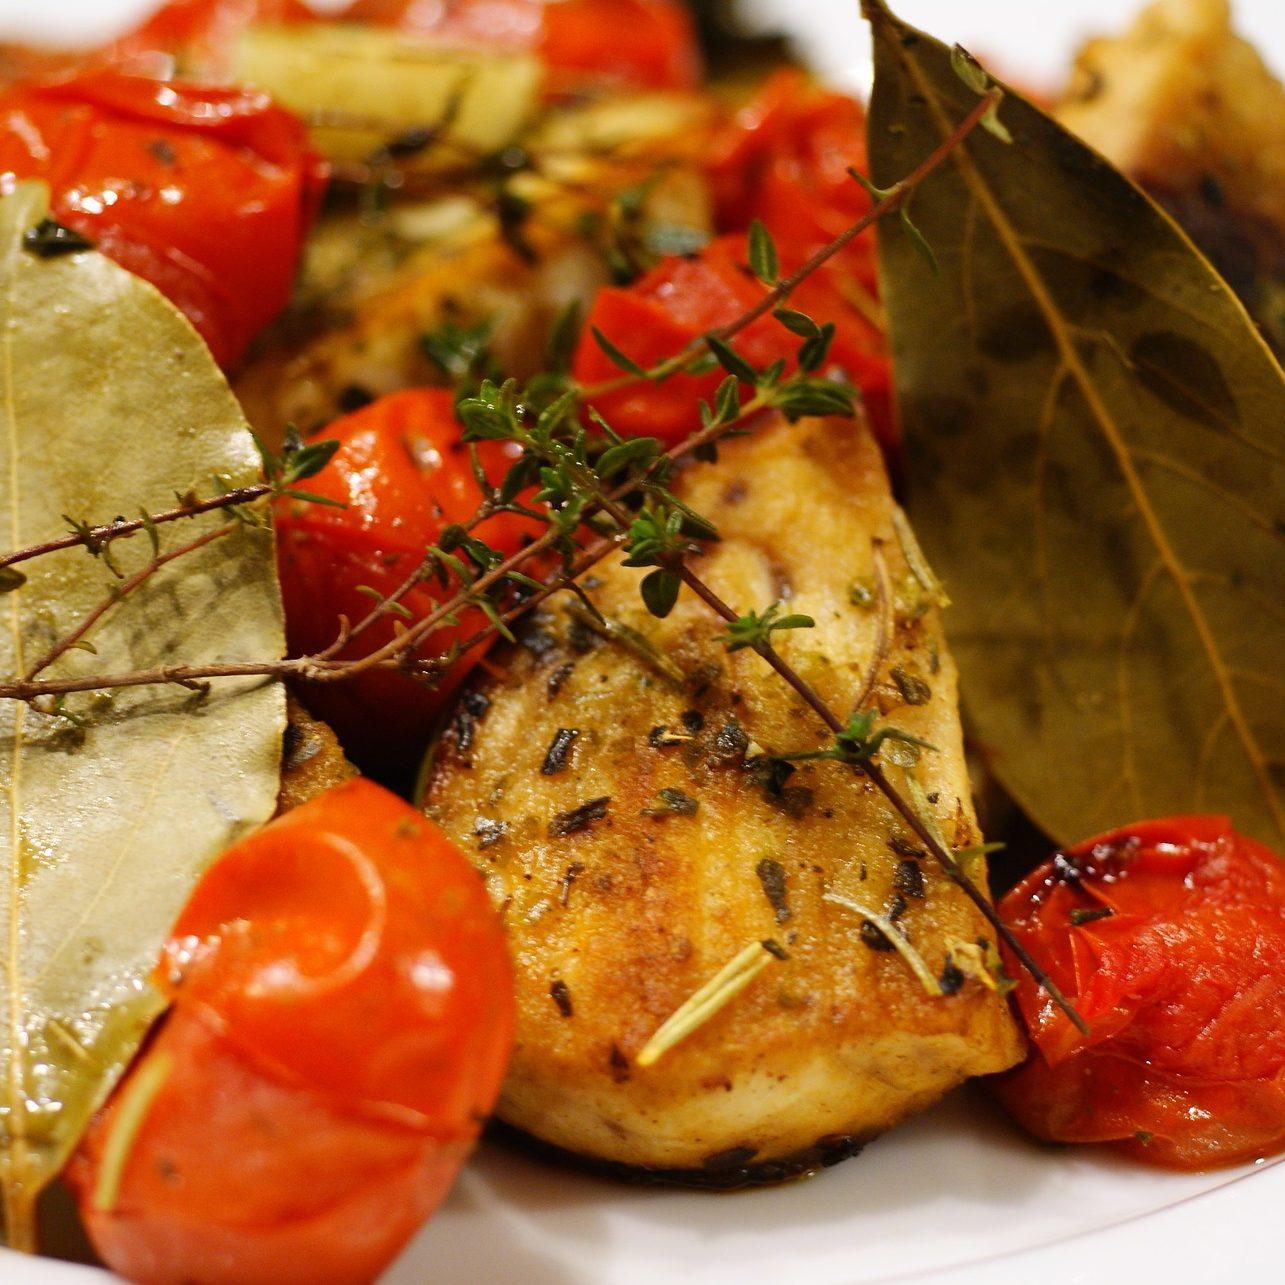 Le ricette di nonna chef  Secondi piatti Pesce